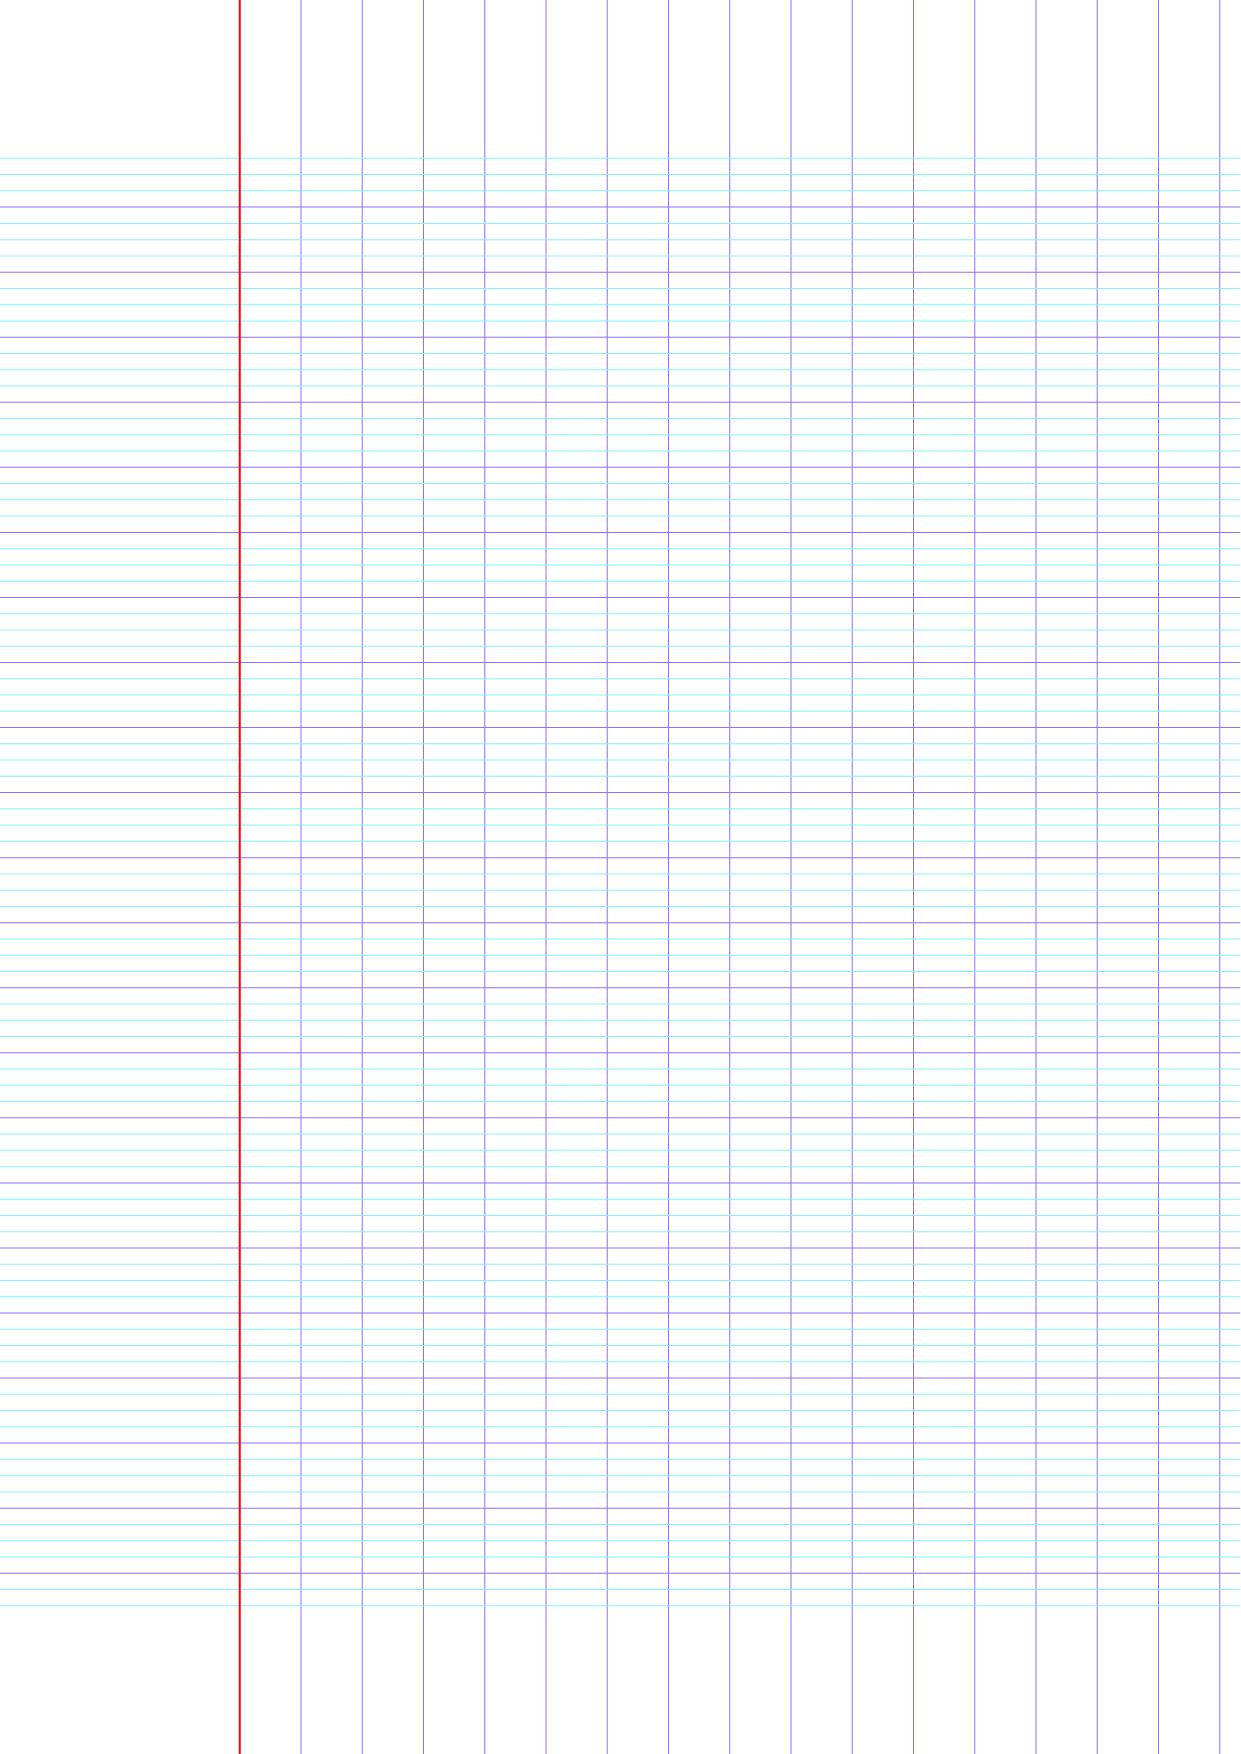 Feuille D'écriture Vierge À Imprimer   Exercices D'écriture avec Fiche D Ecriture Pour Maternelle A Imprimer